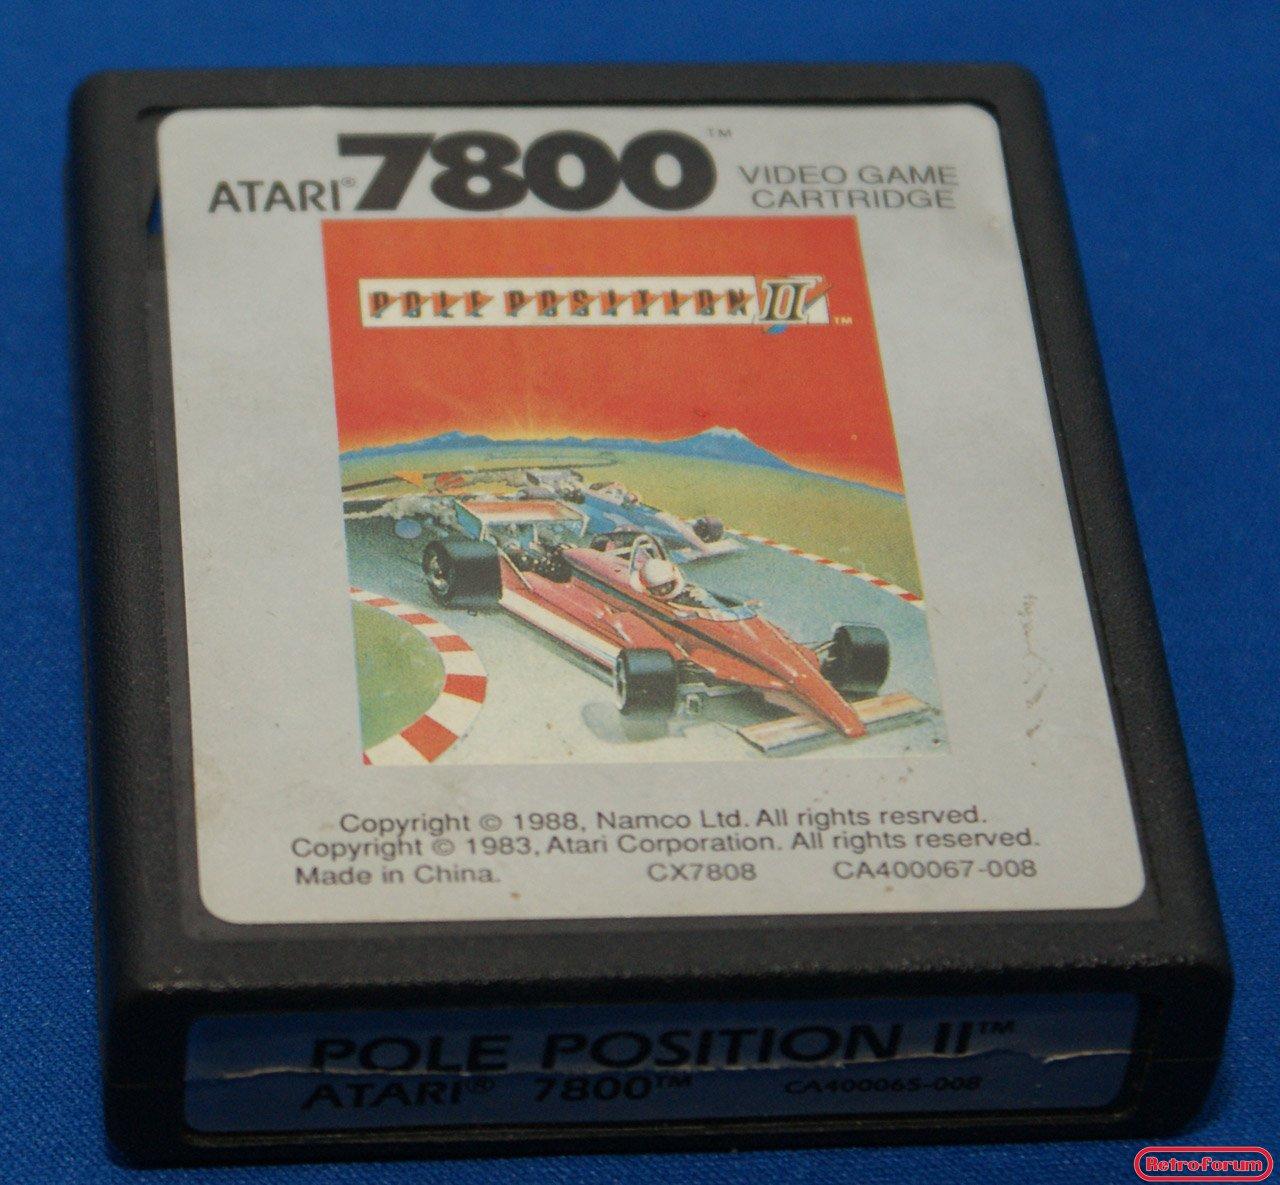 Pole Position II voor de Atari 7800